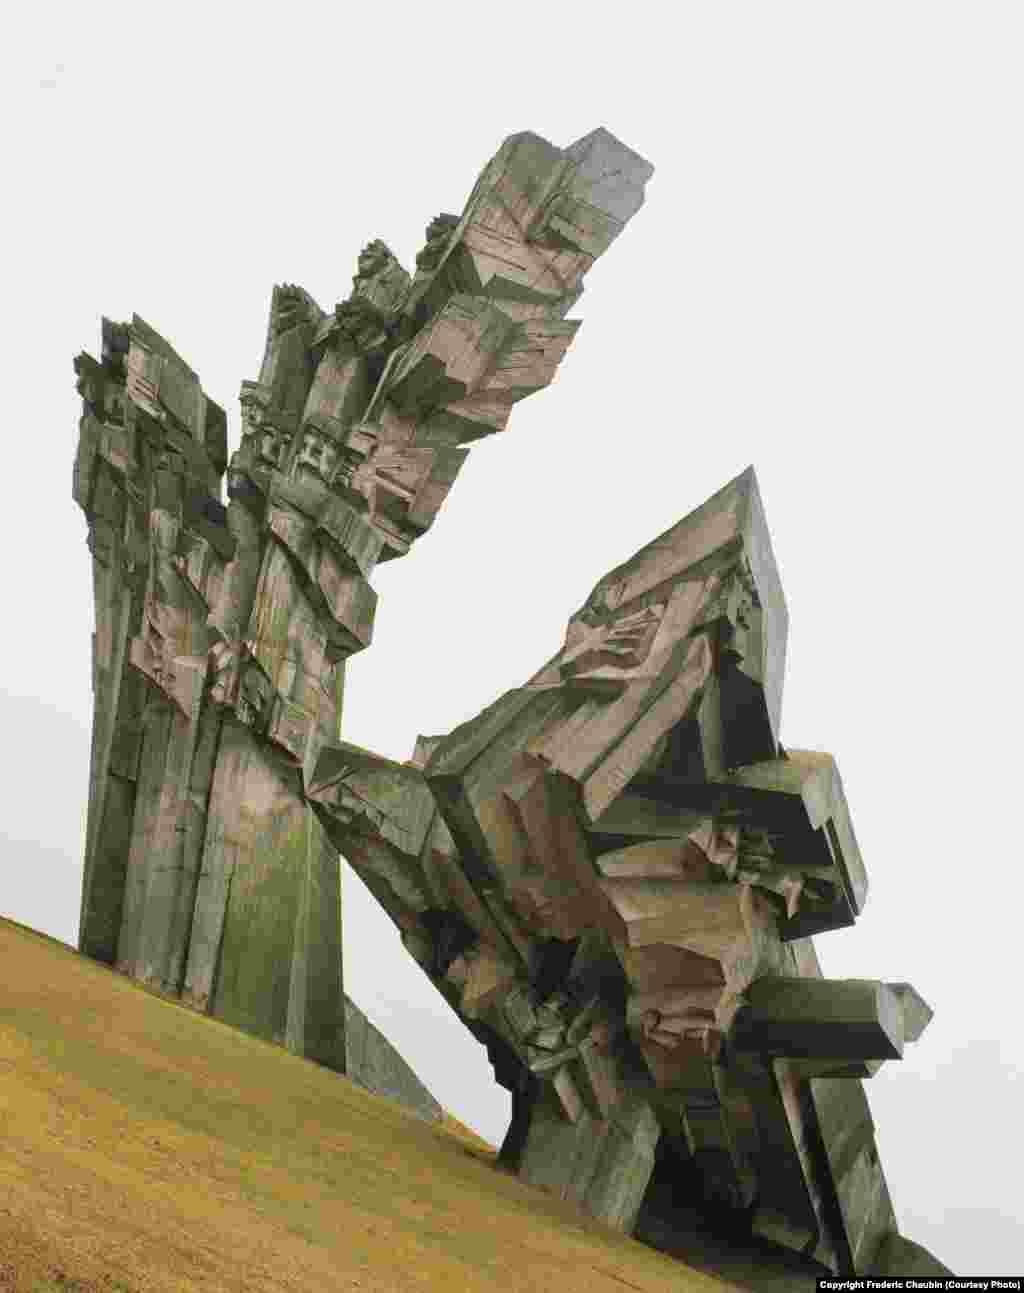 Побудований у XIX столітті IX форт Ковенської фортеці в Каунасі (Литва) НКВД використовувало в якості центру тимчасового утримання для політв'язнів, яких пізніше відправляли до трудових таборів ГУЛАГу. Під час окупації Литви Німеччиною під час Другої світової форт використовували для масових розстрілів. На місці трагедій 1983 року звели 32-метрову скульптуру Альфонсаса Амбразіунаса